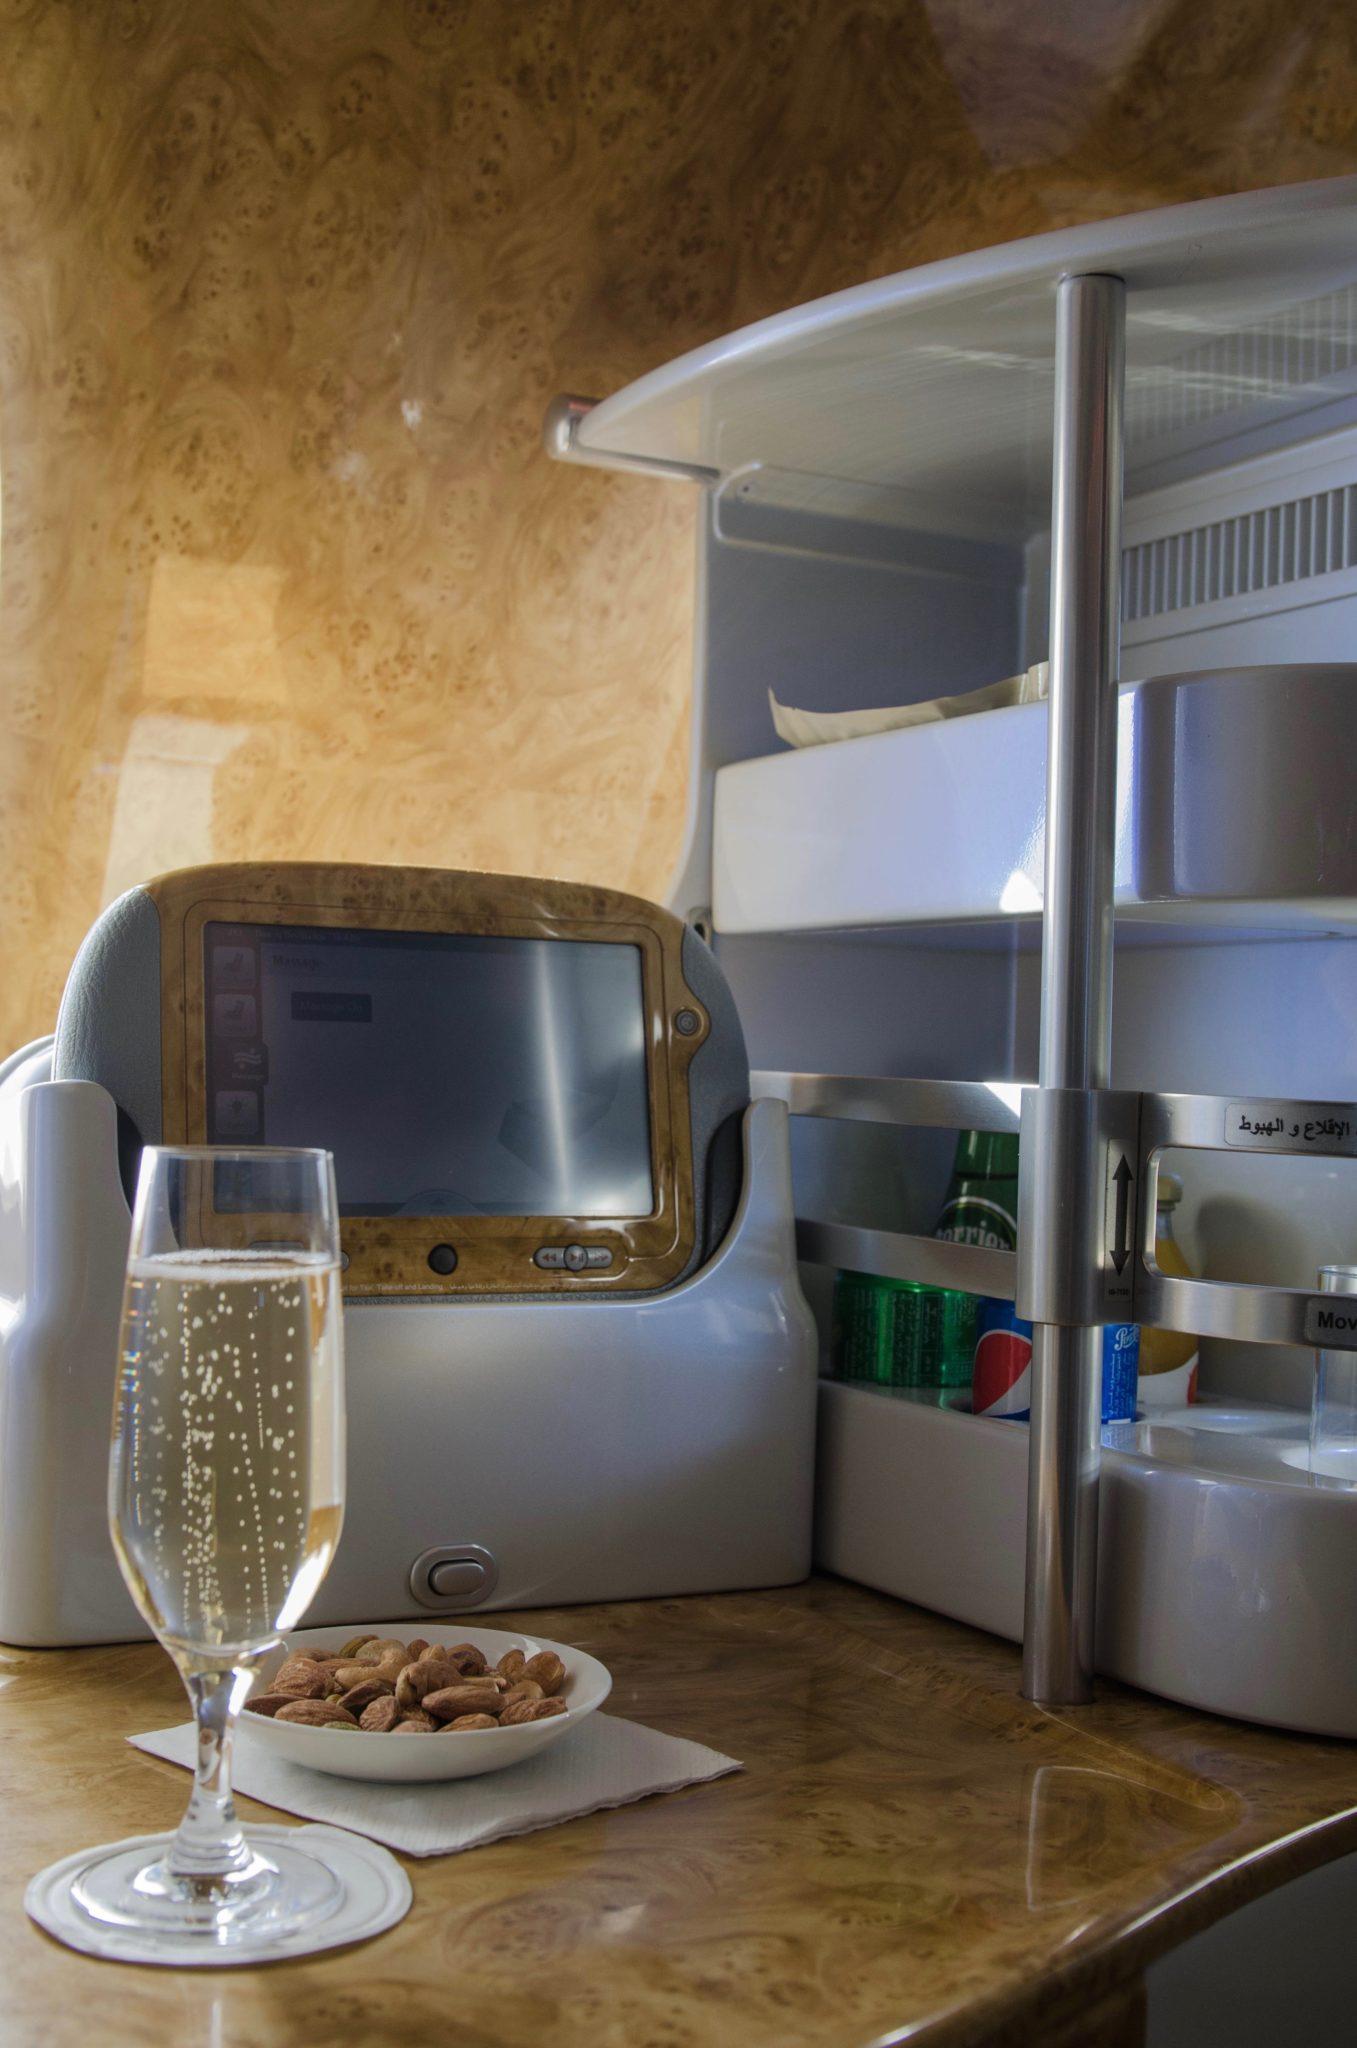 Emirates Business Class im A380: Champagner darf den gesamten Flug über getrunken werden